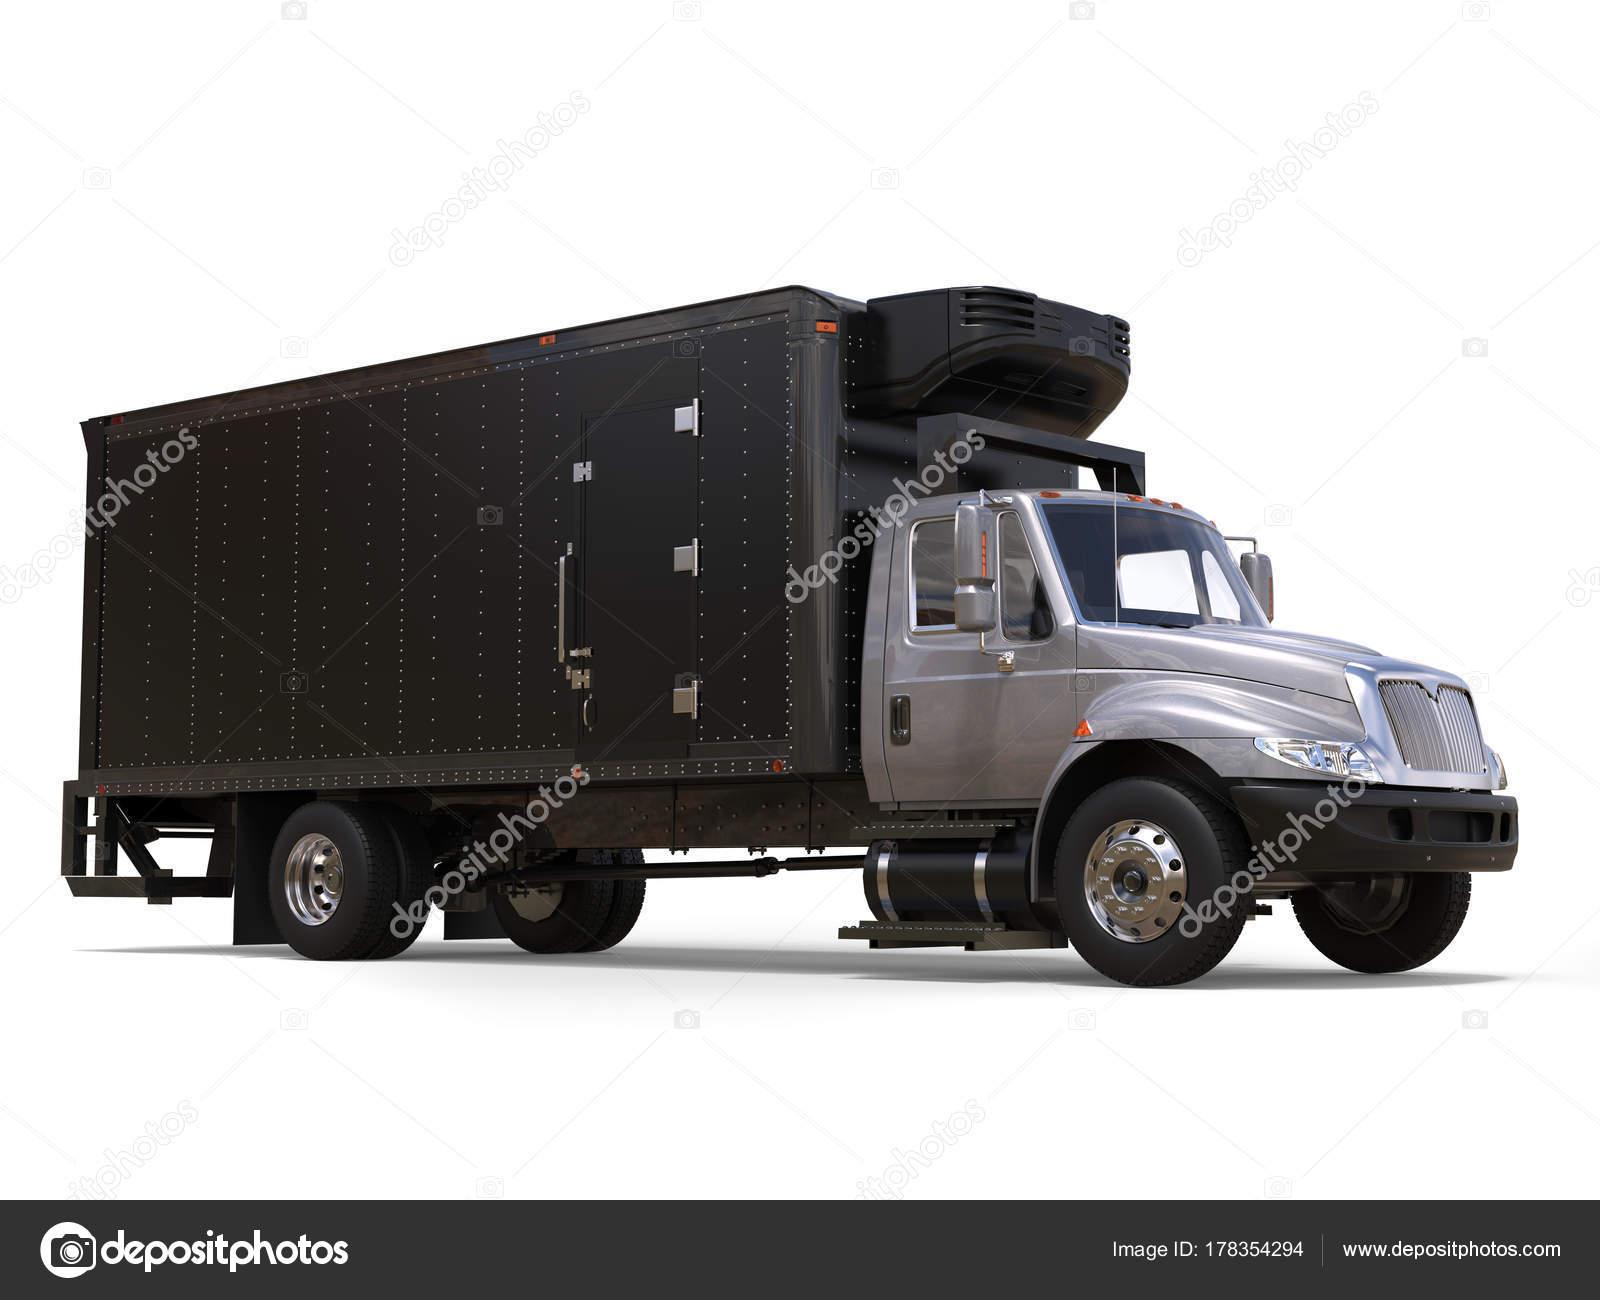 Amerikanischer Kühlschrank Transportieren : Silber kühlschrank lkw mit unit schwarz trailer u stockfoto